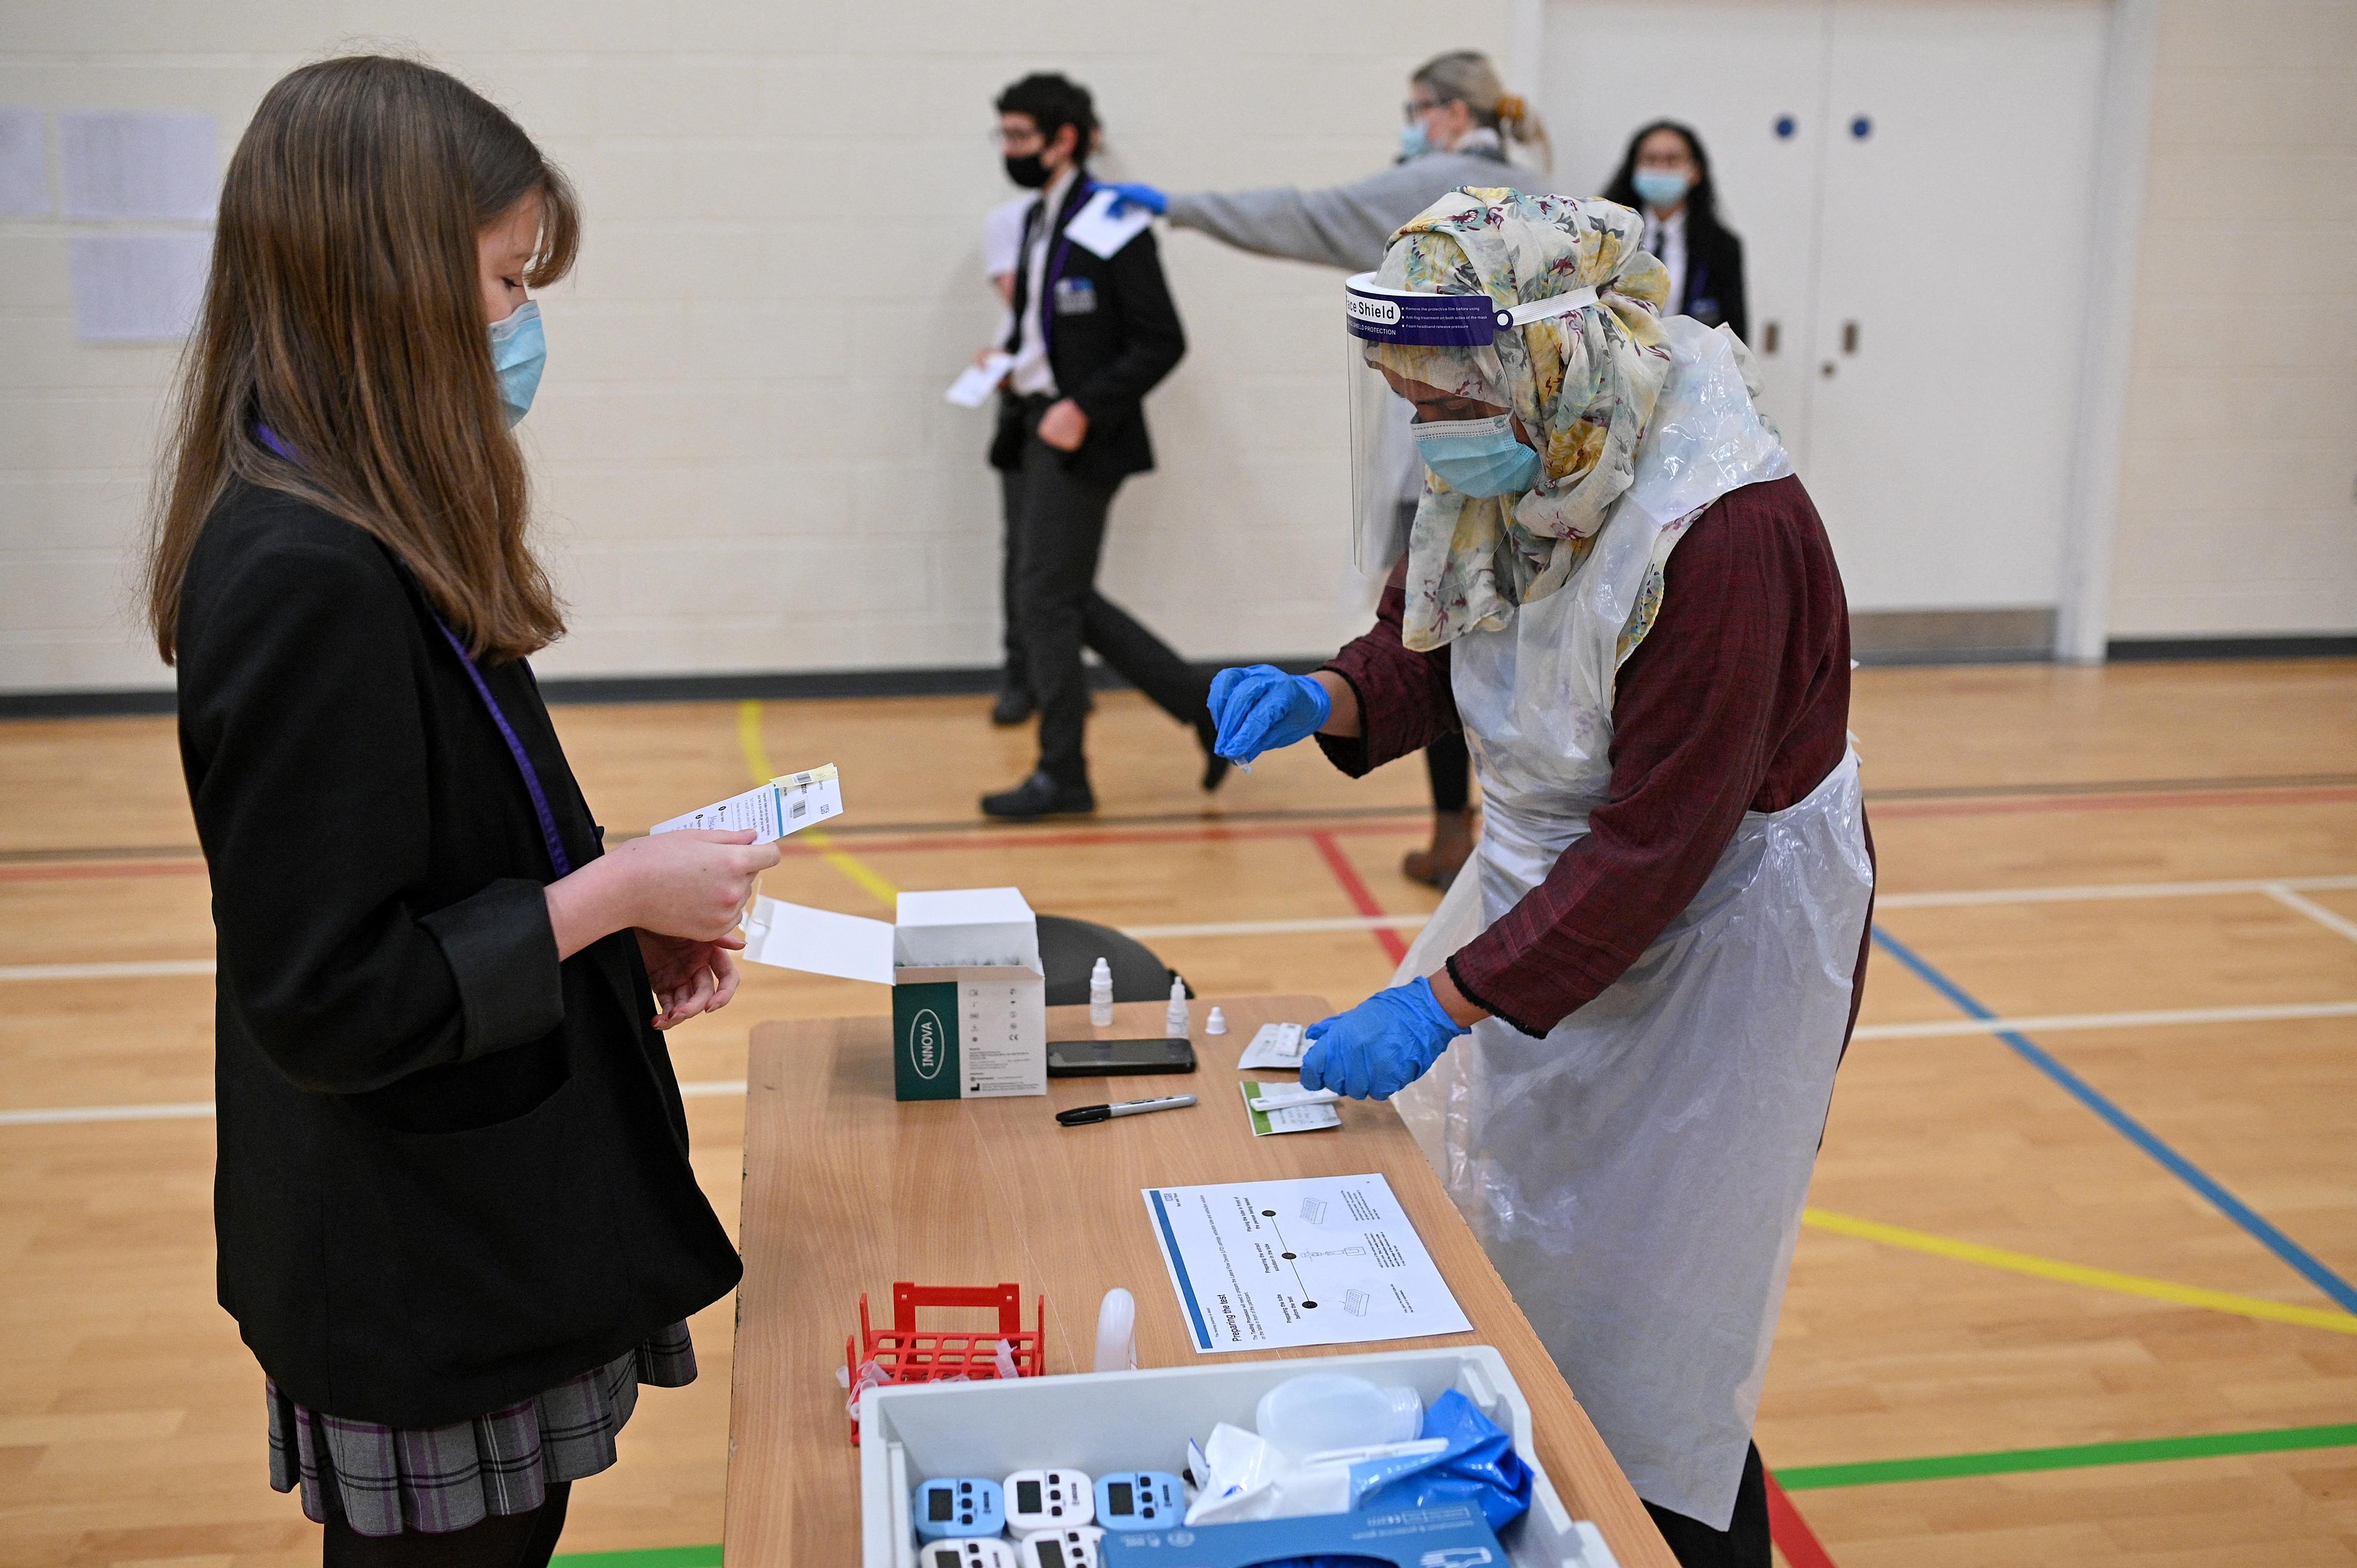 Tömeges tesztelést tartanak hétvégén a diákoknak és az iskolai dolgozóknak a XVIII. kerületben